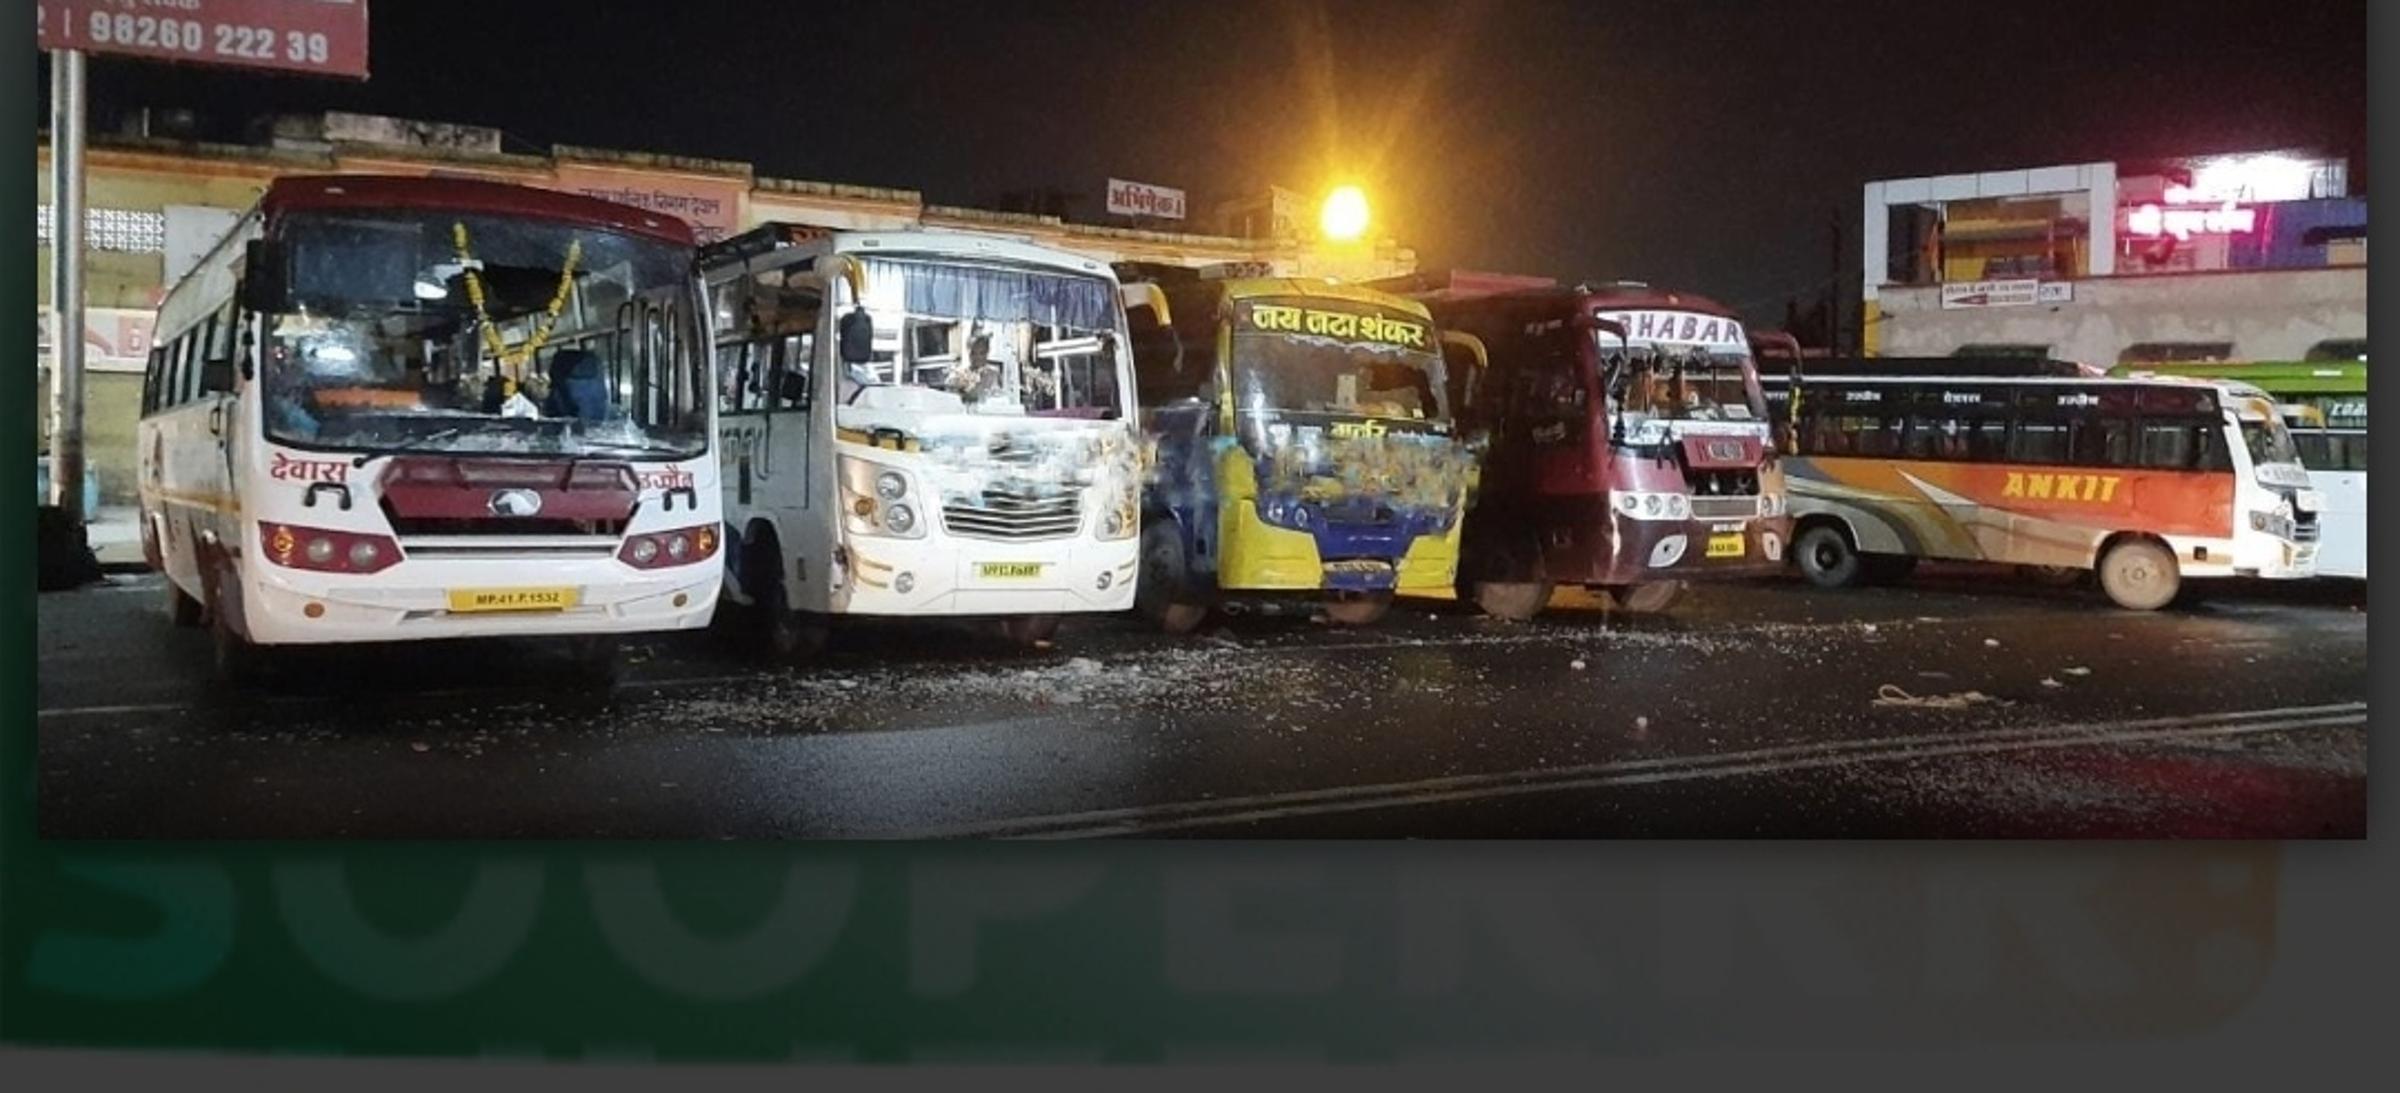 किराया मांगने पर विवाद, स्टैंड पर खड़ी बसों के कांच फोड़े